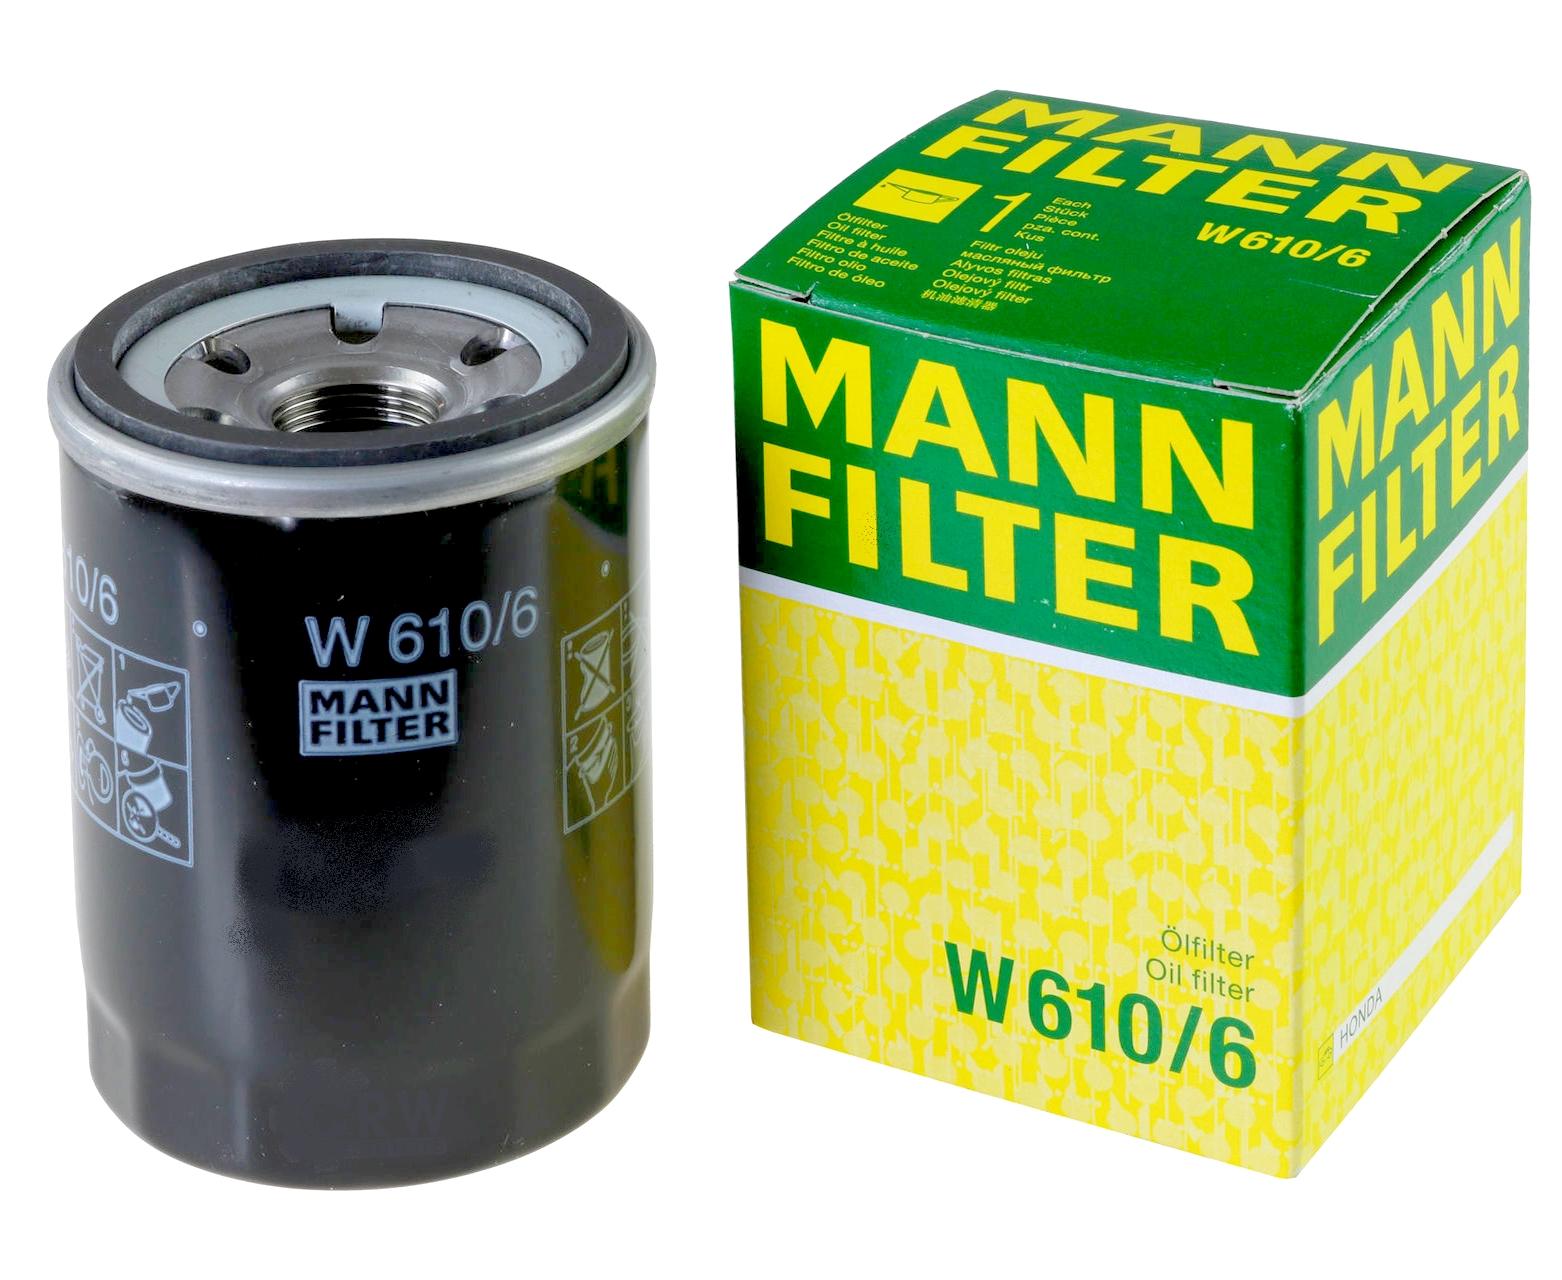 MANN W610/6